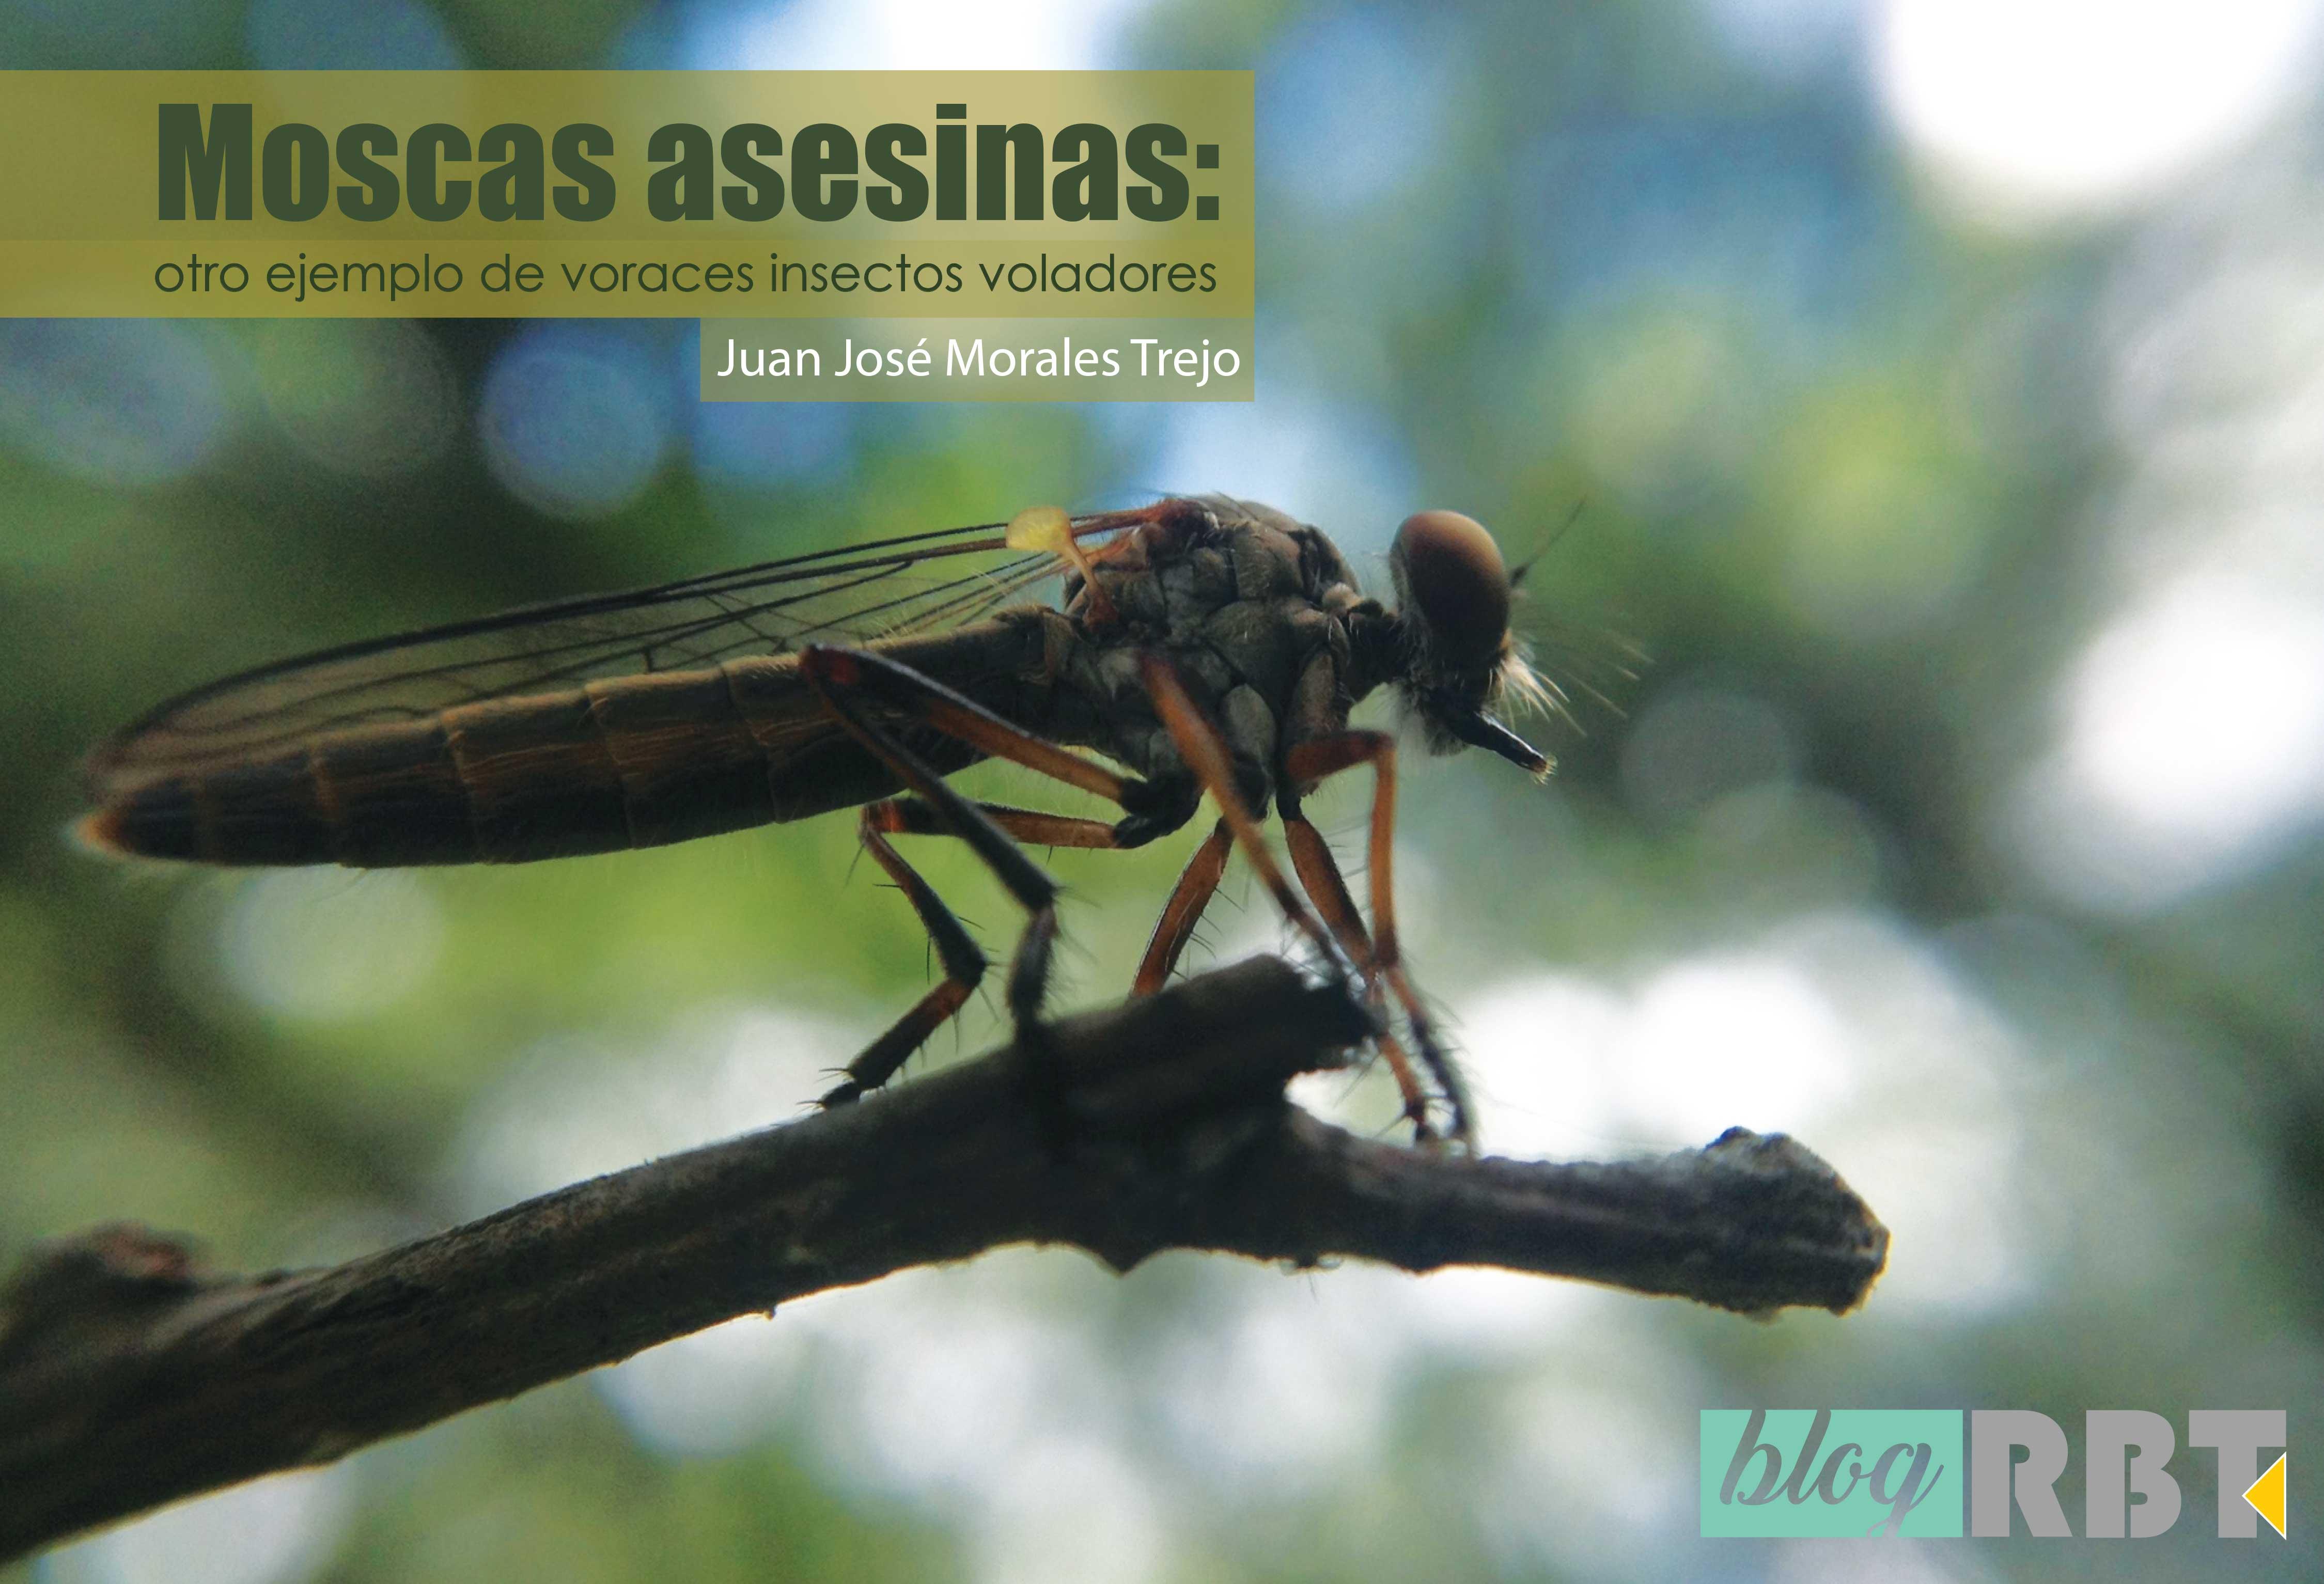 Mosca asesina de la subfamilia Asilinae sobre un tallo en el Parque Estatal Flor del Bosque, Puebla, México. Fotografía de Juan Mt (modificada, CC BY-NC-SA 4.0)